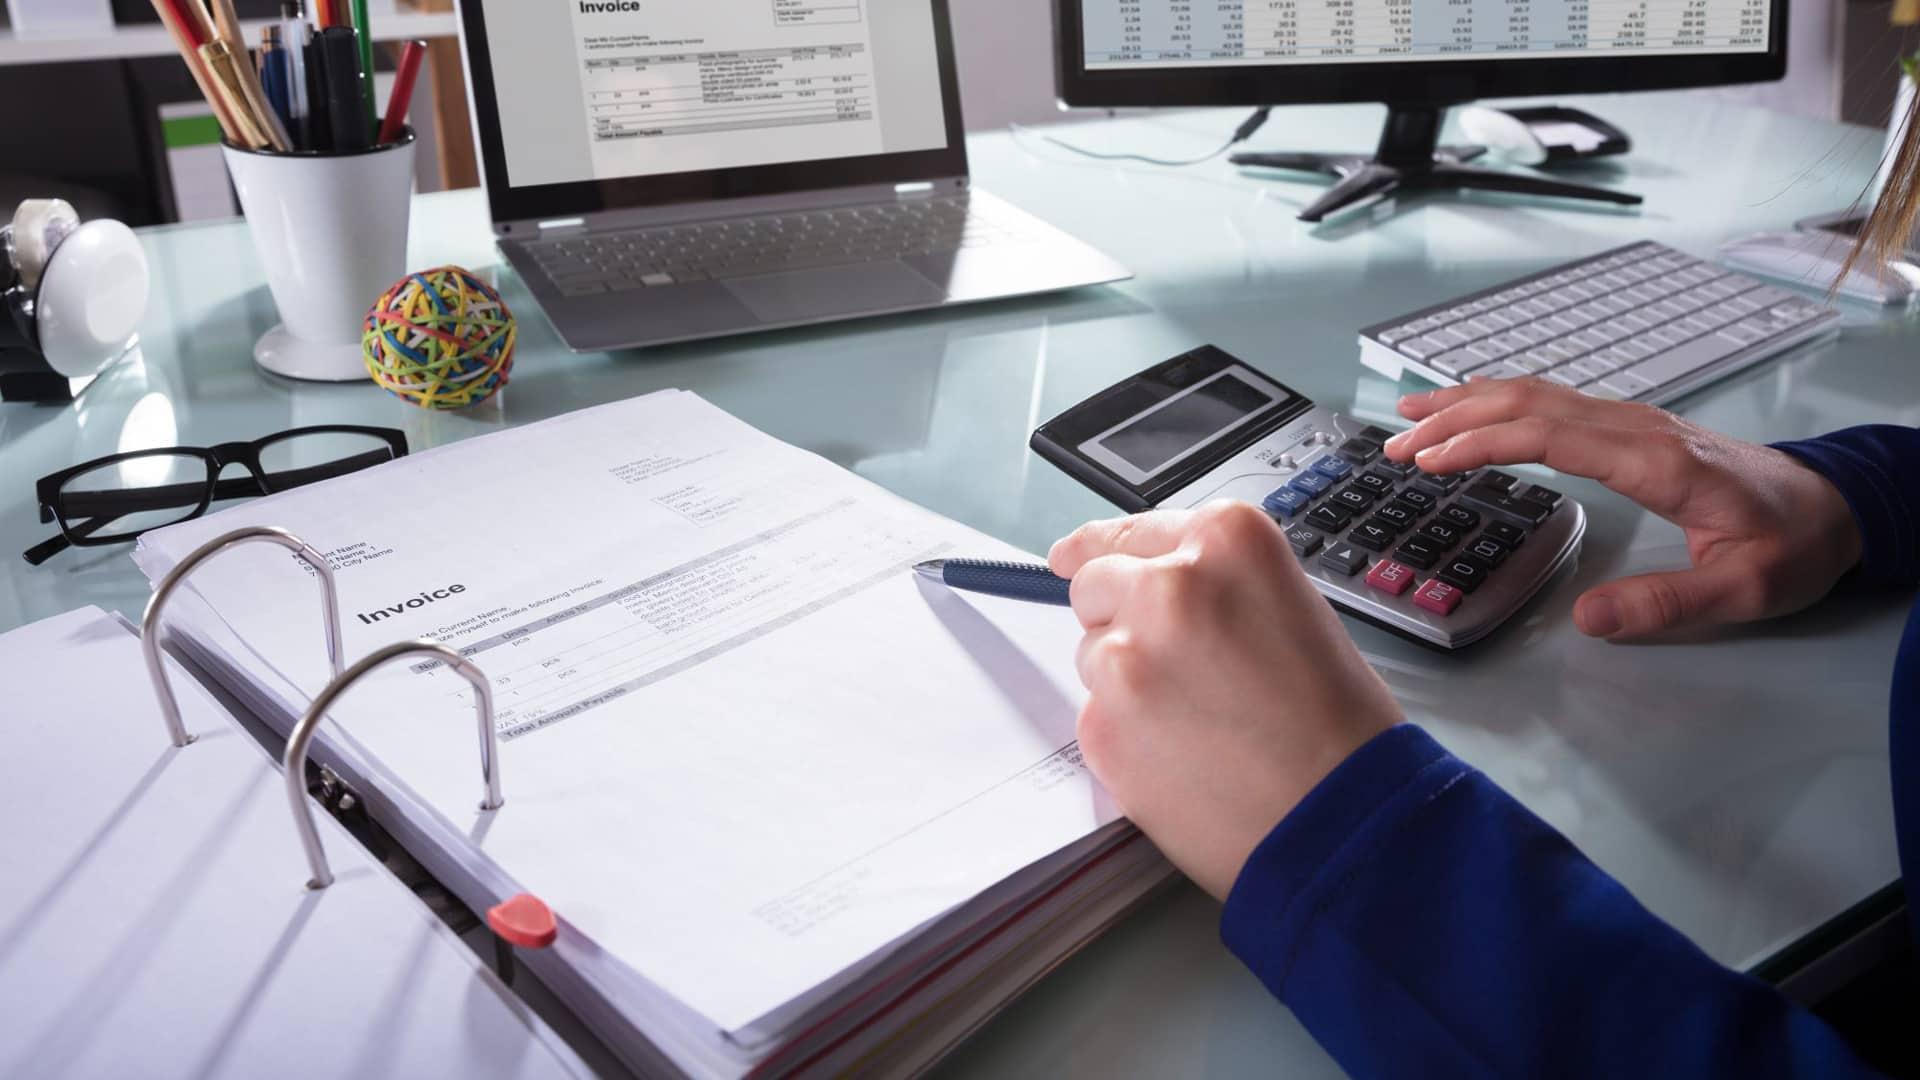 Confirming Cajasiete: conoce el servicio de gestión de facturas